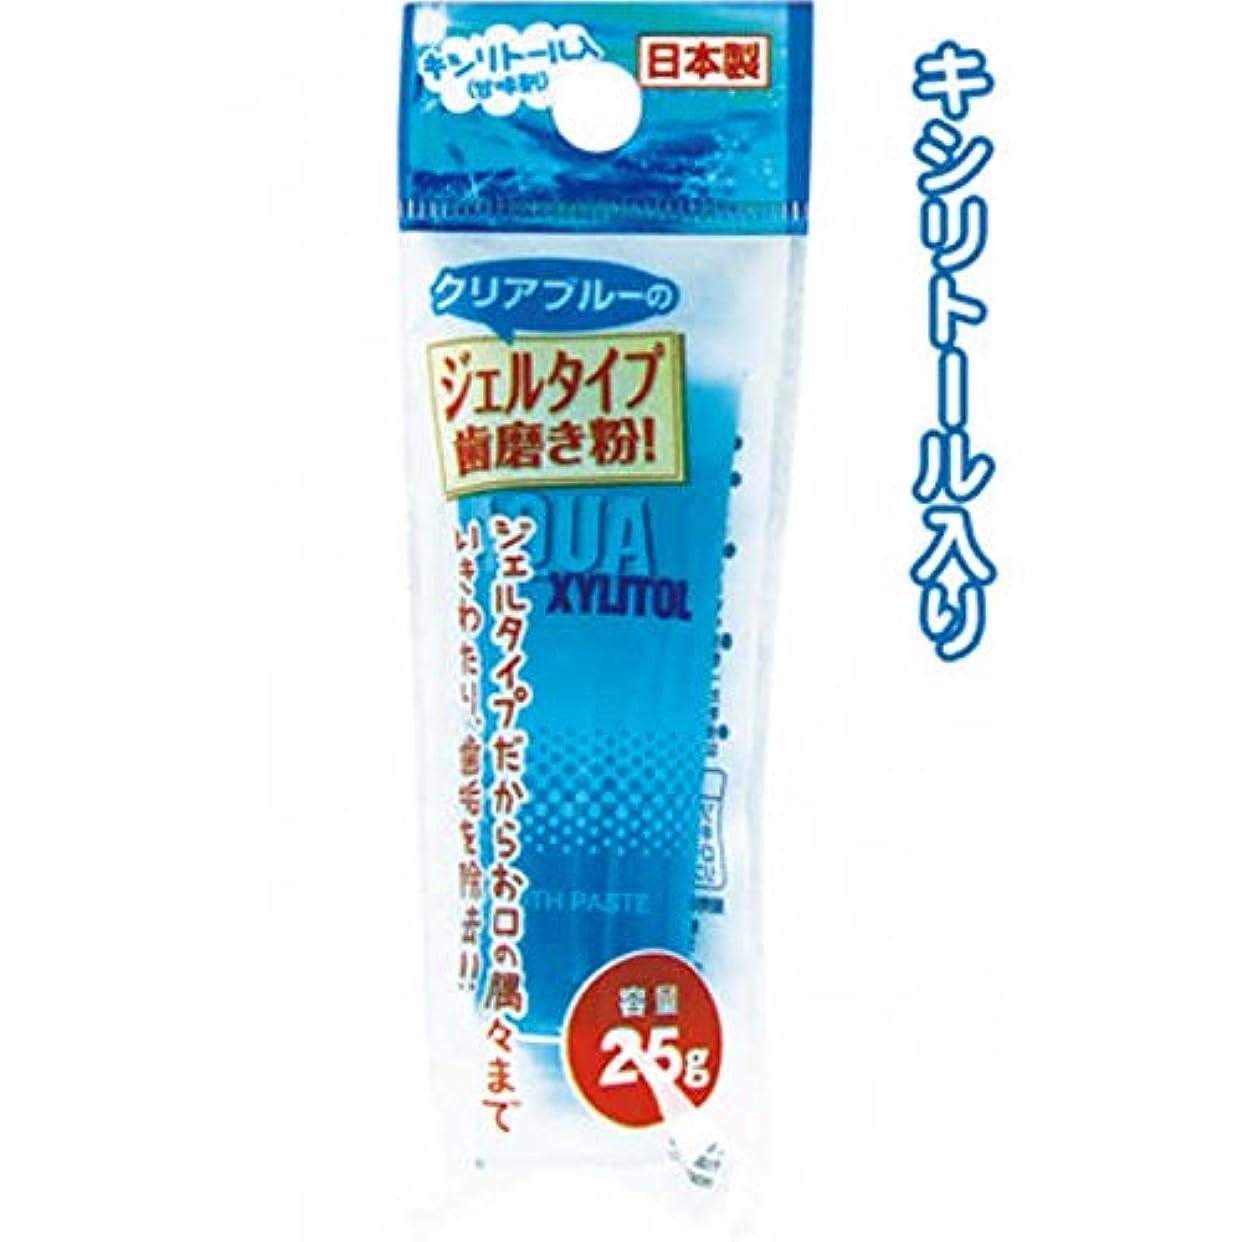 入り口ぼんやりした継承デンタルジェル(25g)日本製 japan 【まとめ買い12個セット】 41-096